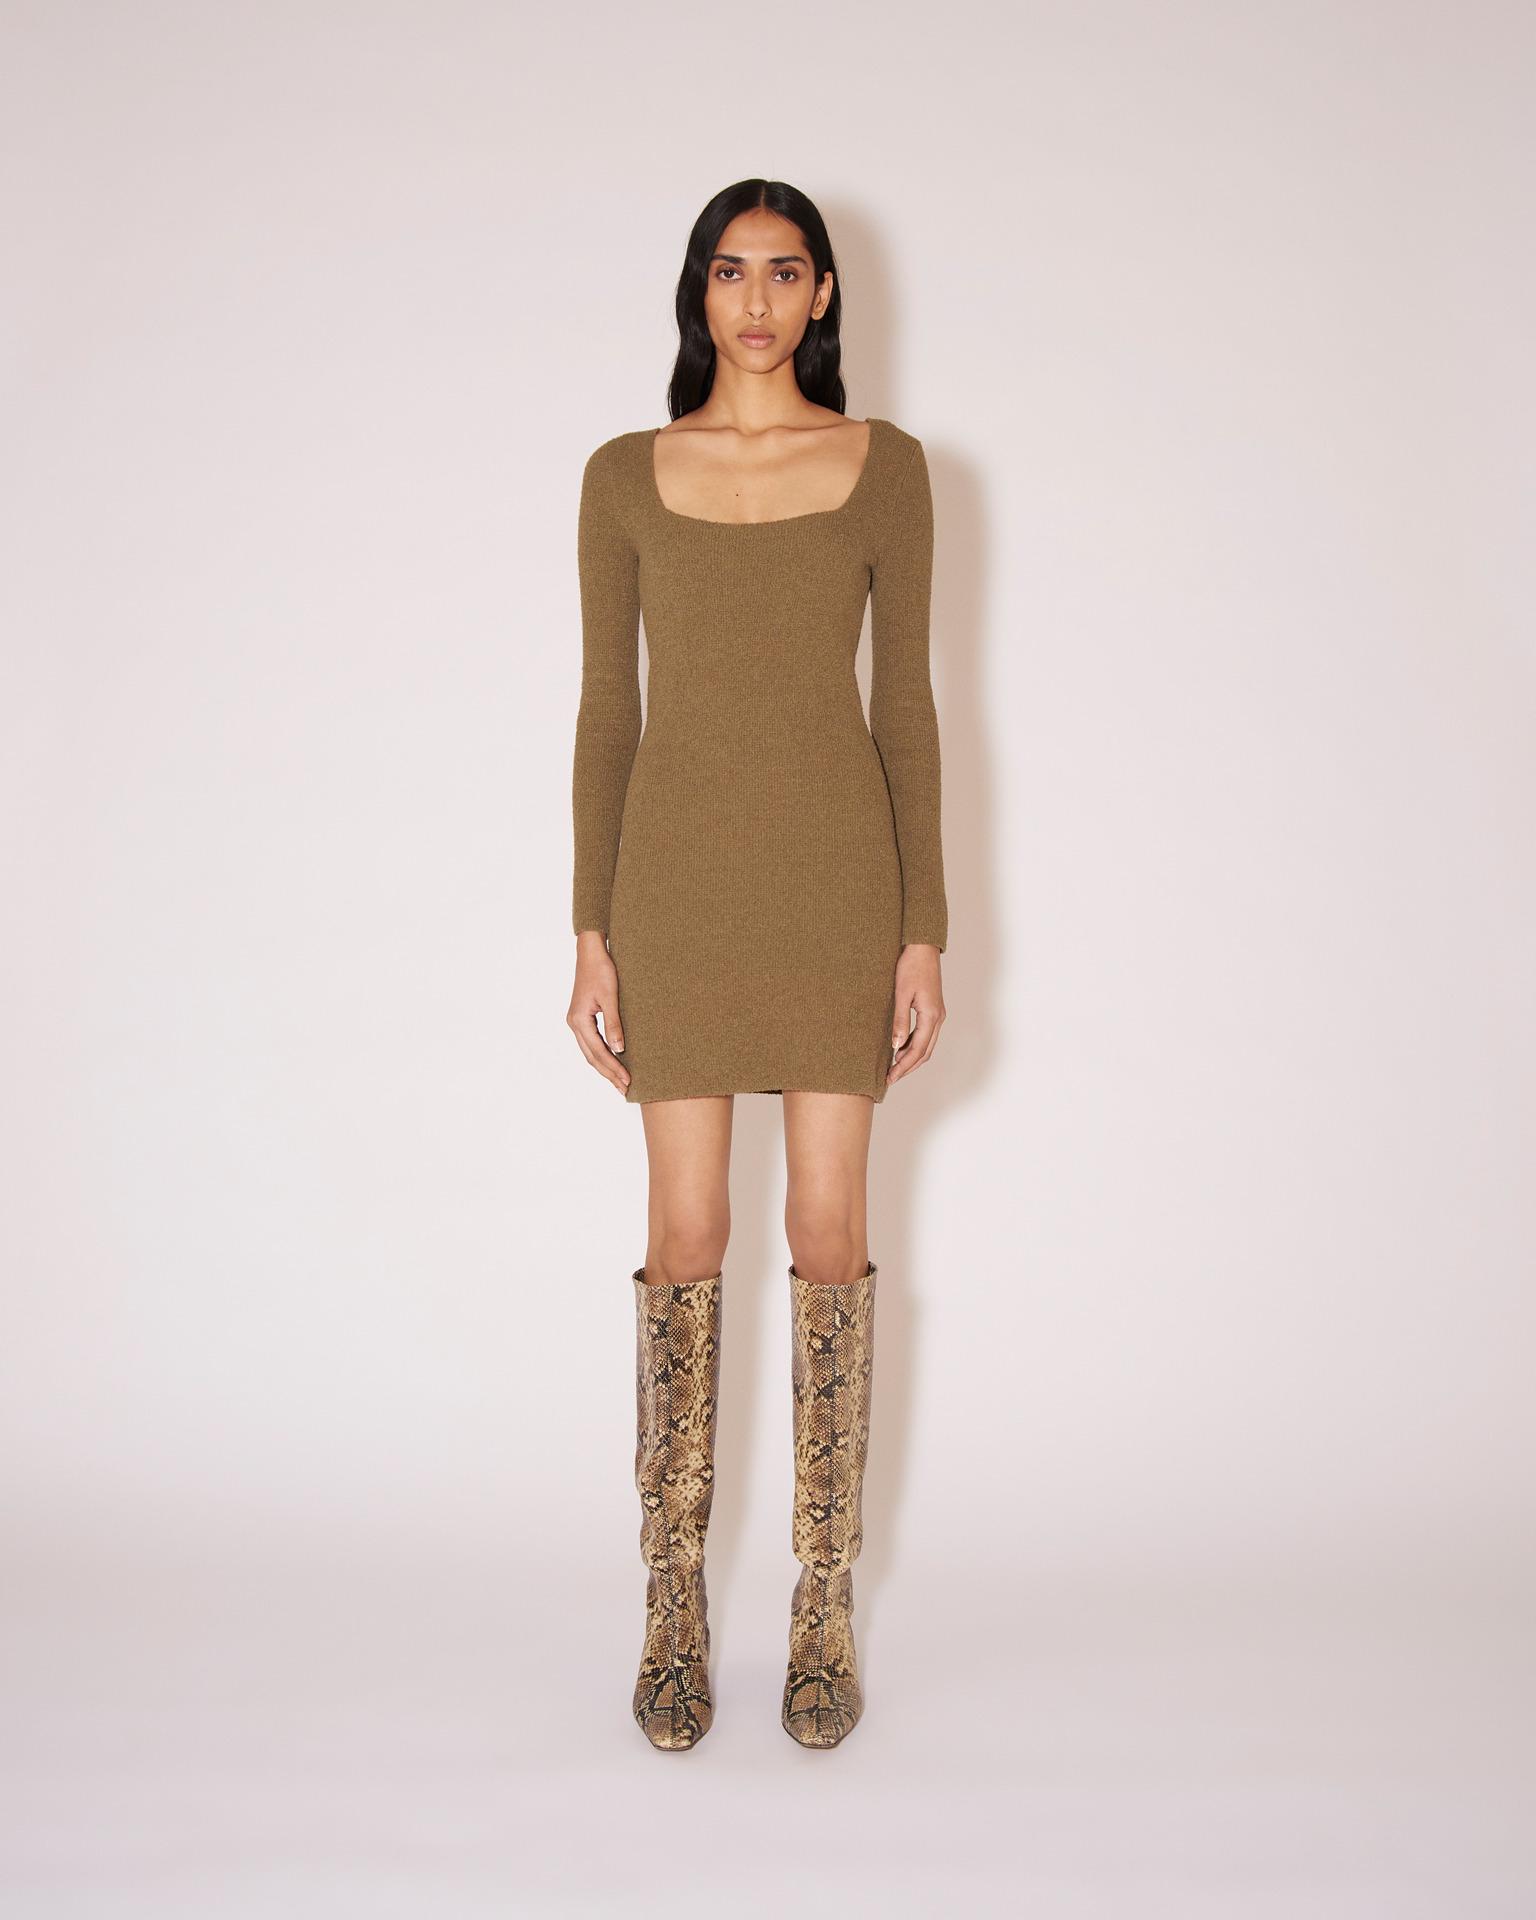 Nanushka LEAH - Terry knit mini dress - Dusty green - S